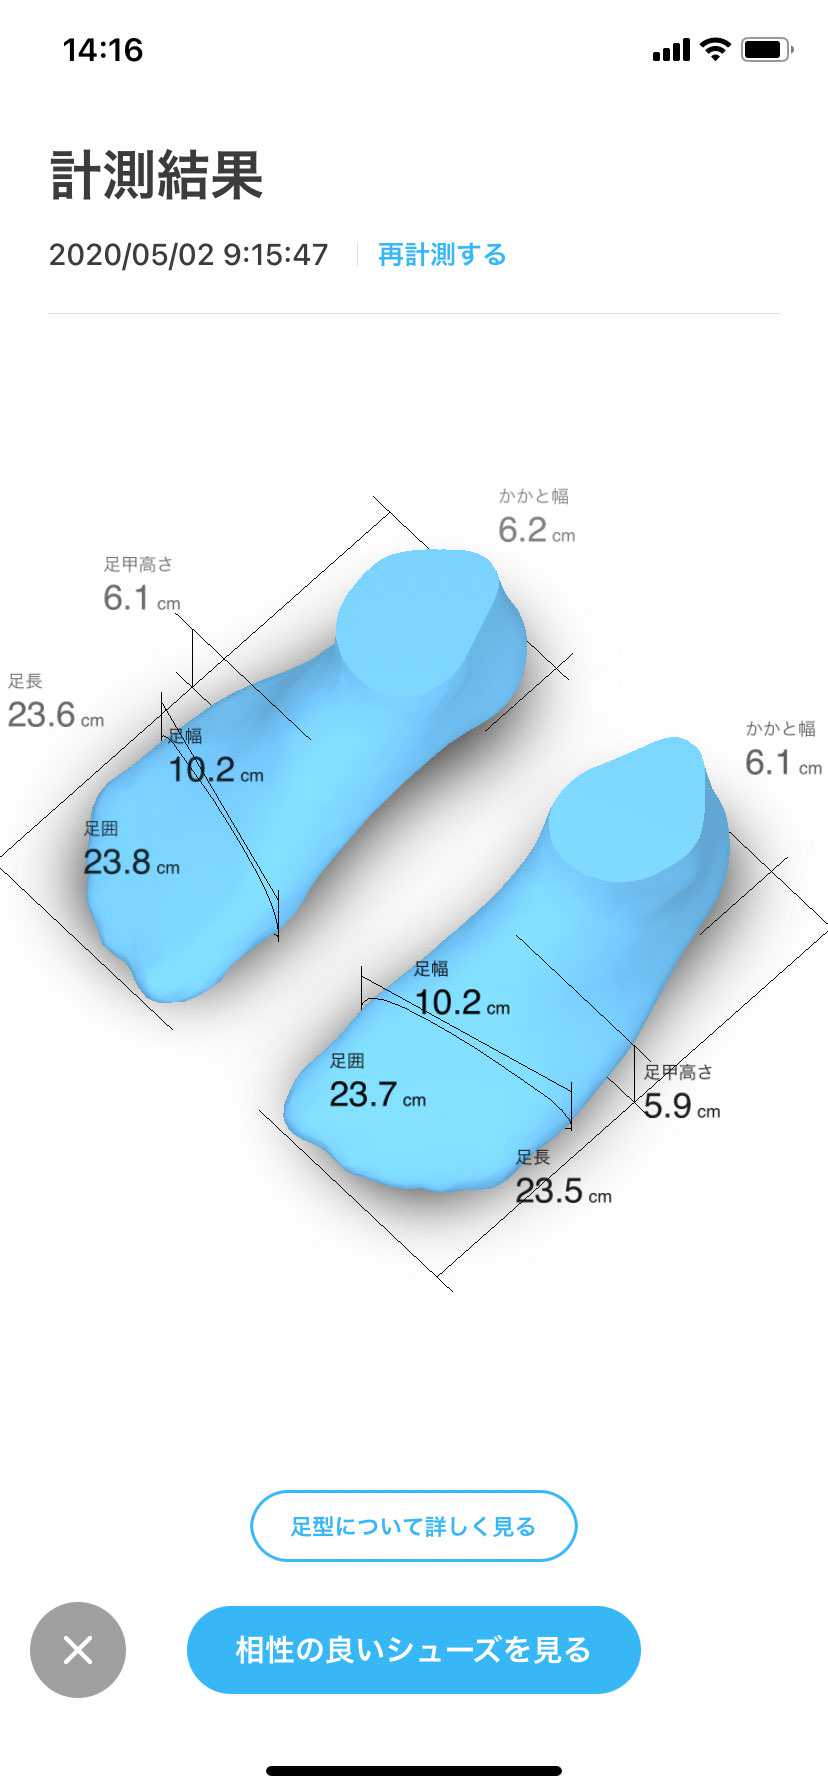 初aj6なのですが足のサイズ何センチがいいですかね?